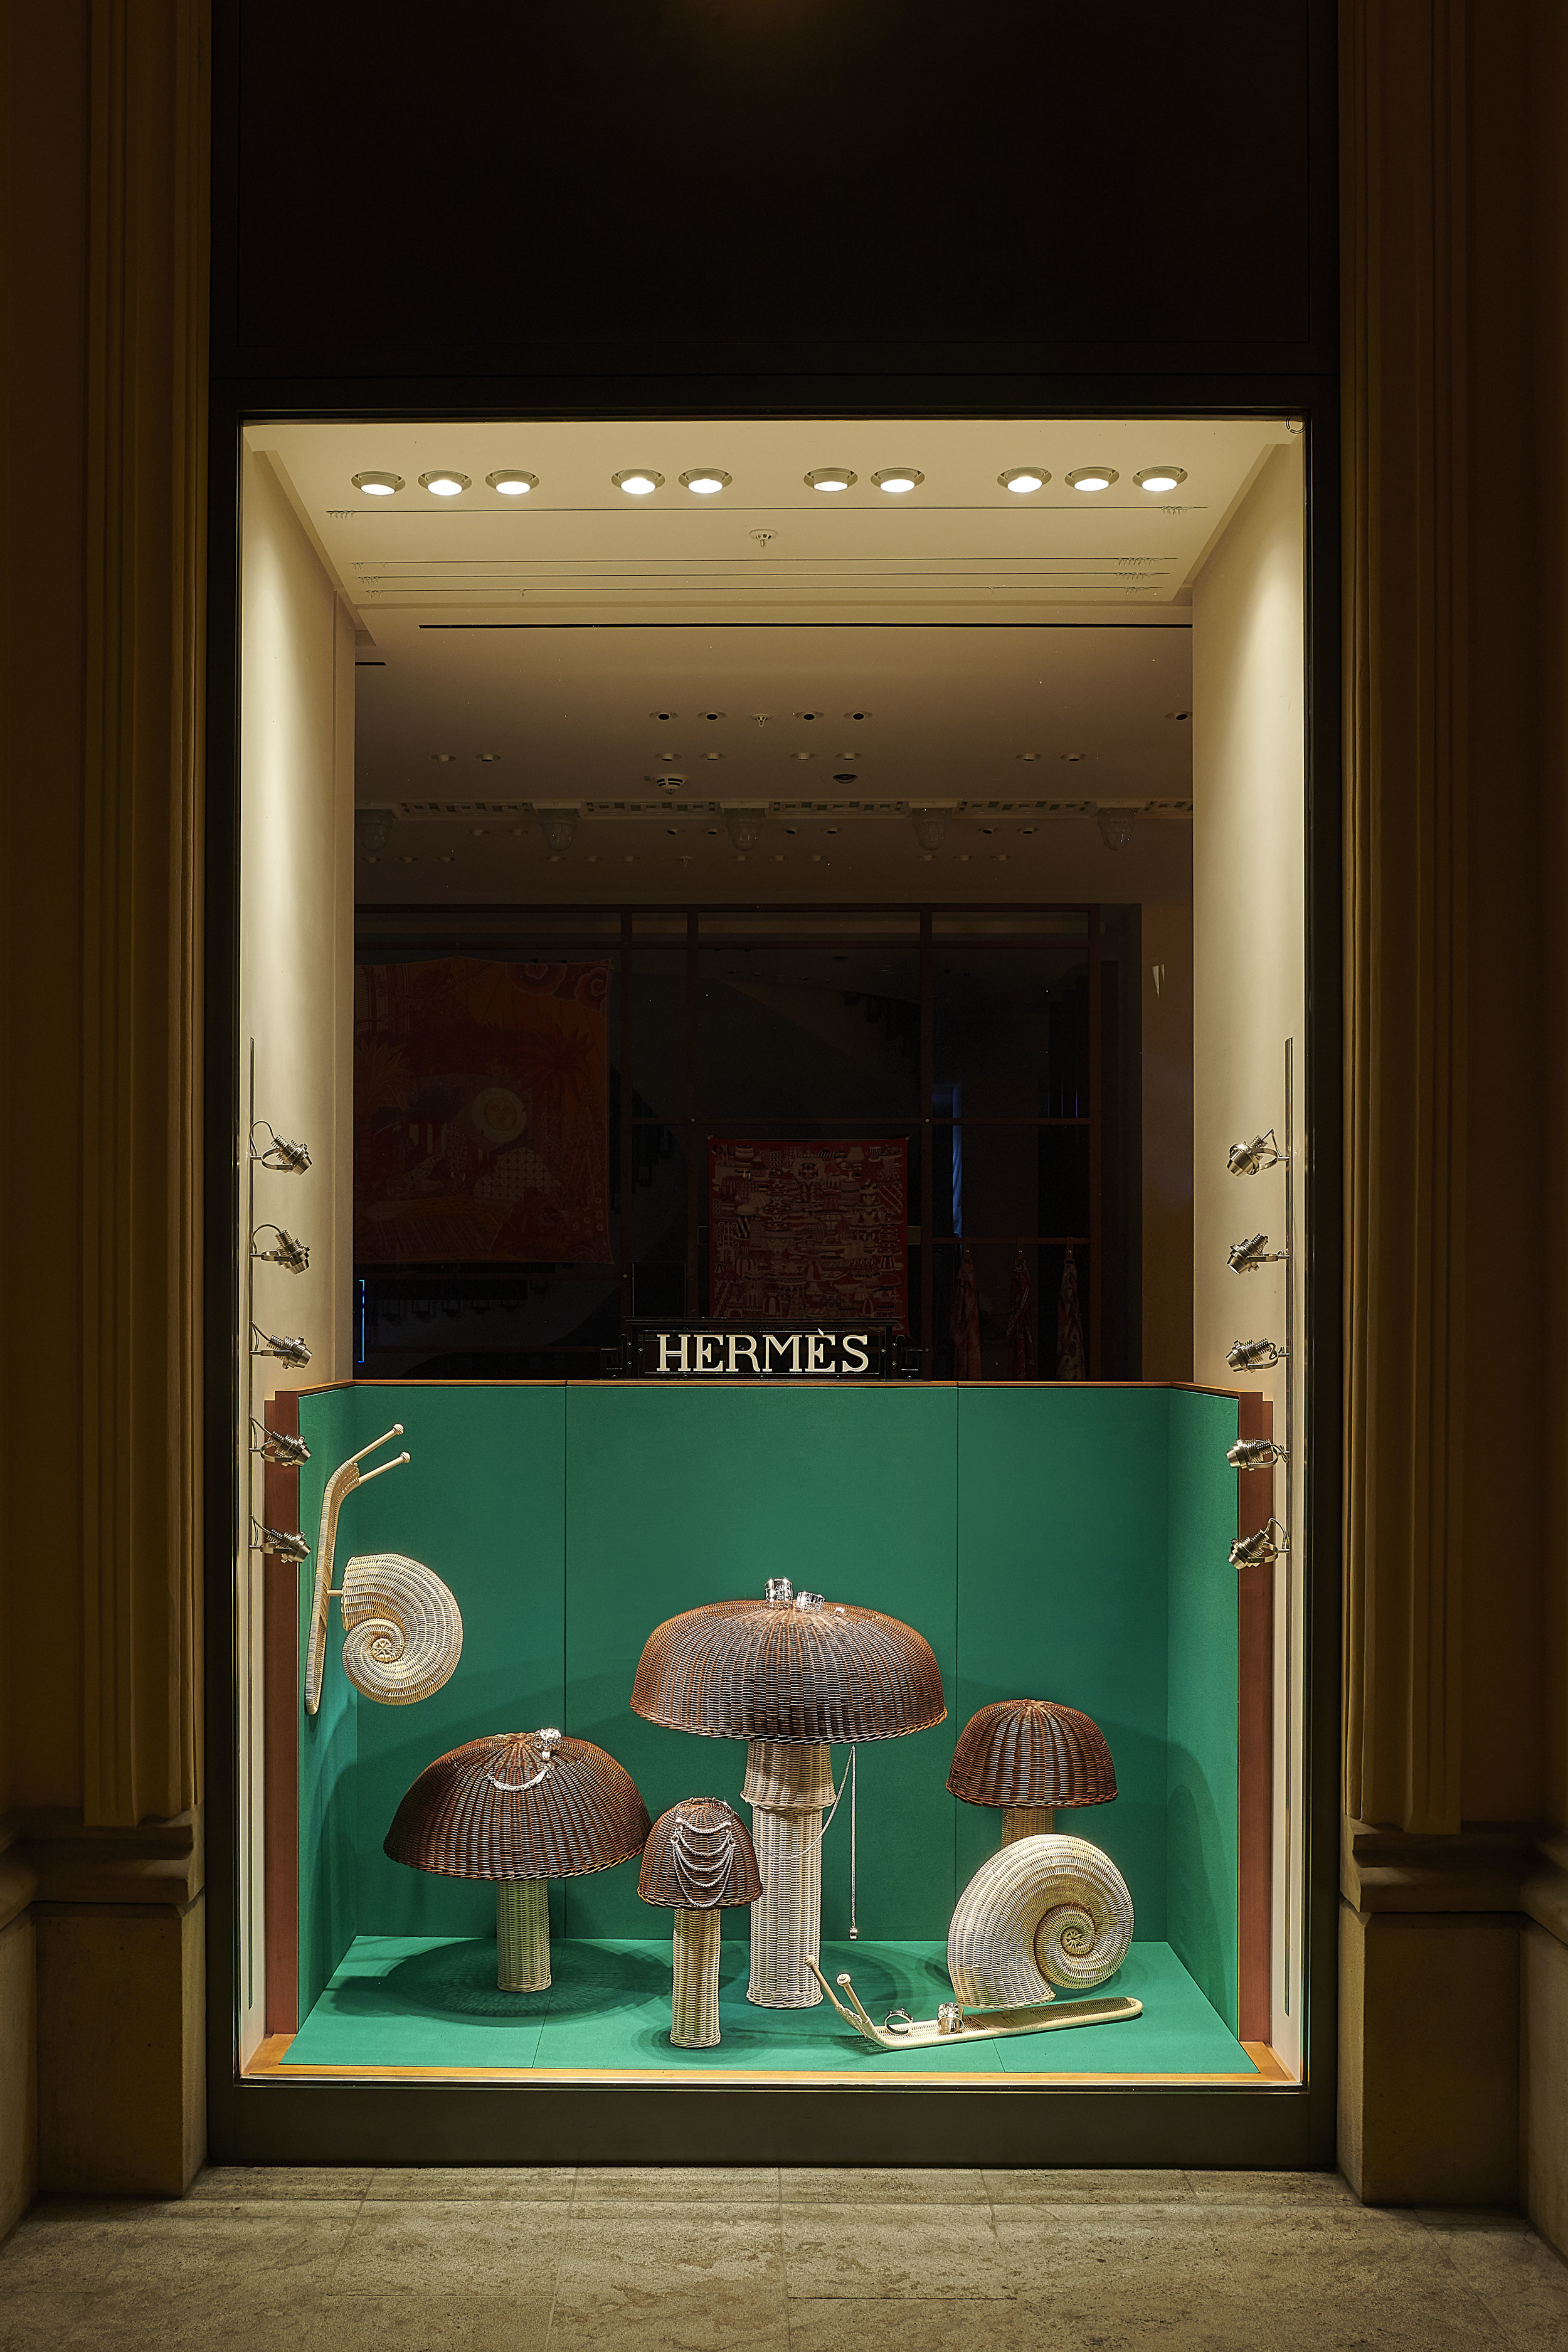 Hermes Window 3_2019 ©Kilian Bishop (2).jpg